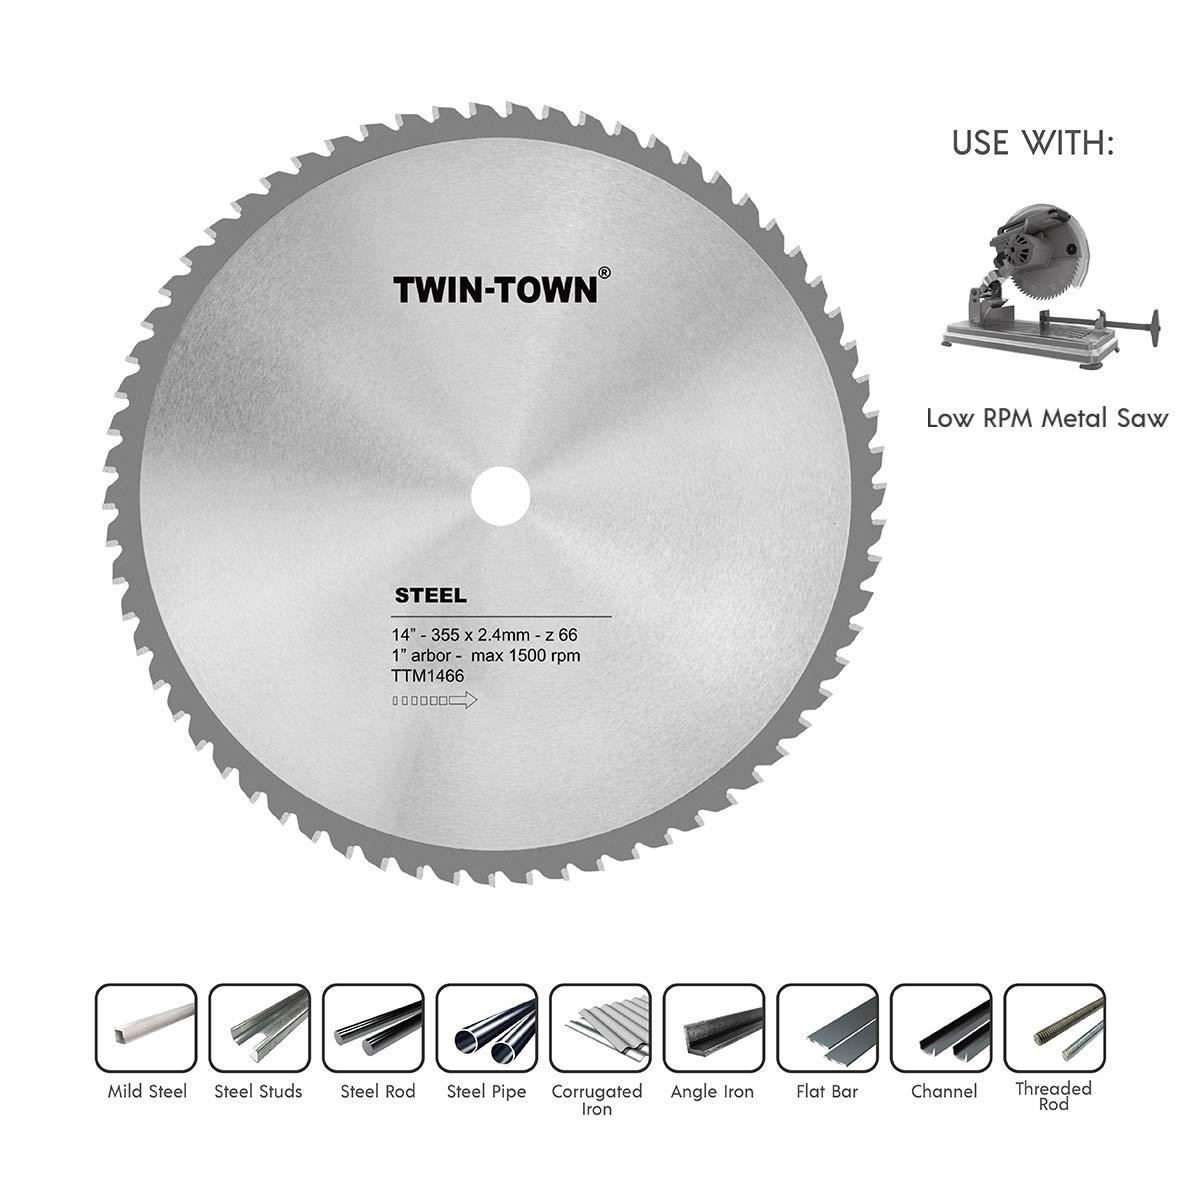 Disco Sierra TWIN-TOWN 14 x 66T de acero y metal ferroso c